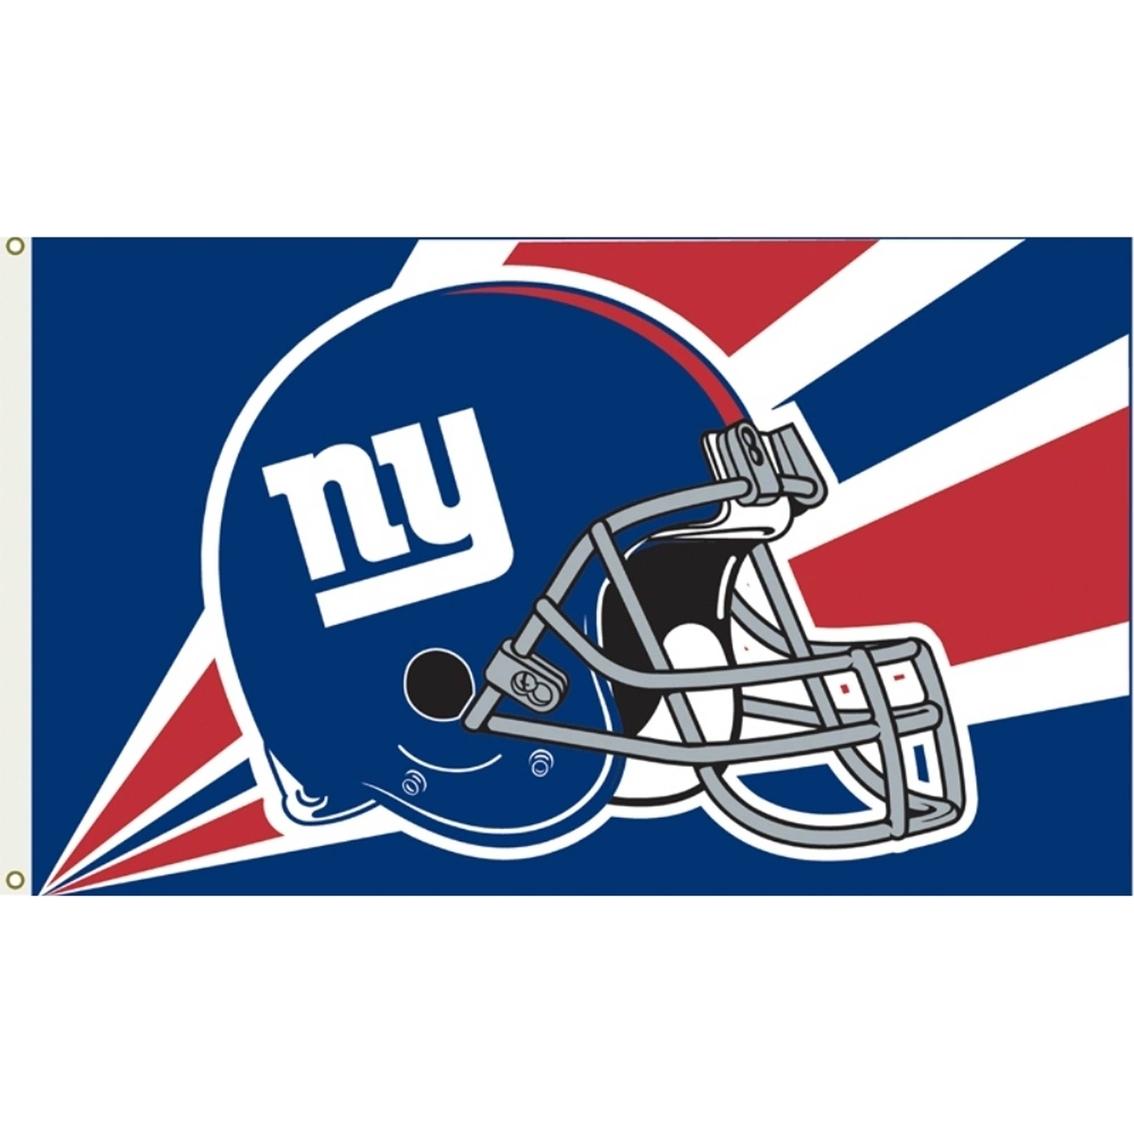 Annin Nfl New York Giants 3 Ft X 5 Ft Flag Nfl Flags